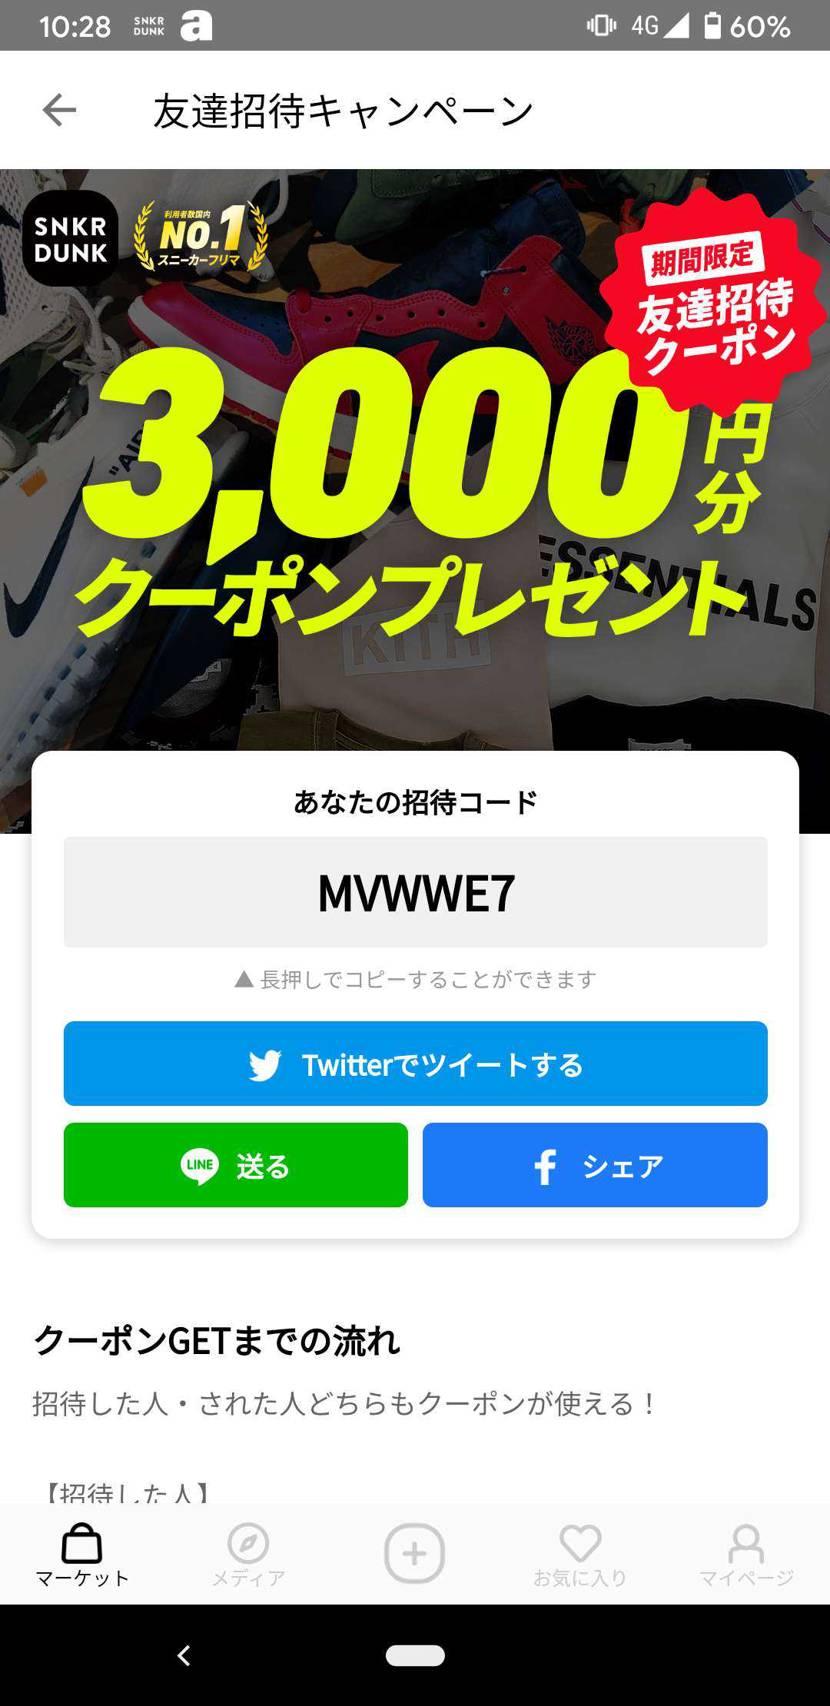 MVWWE7 宜しくお願いします。